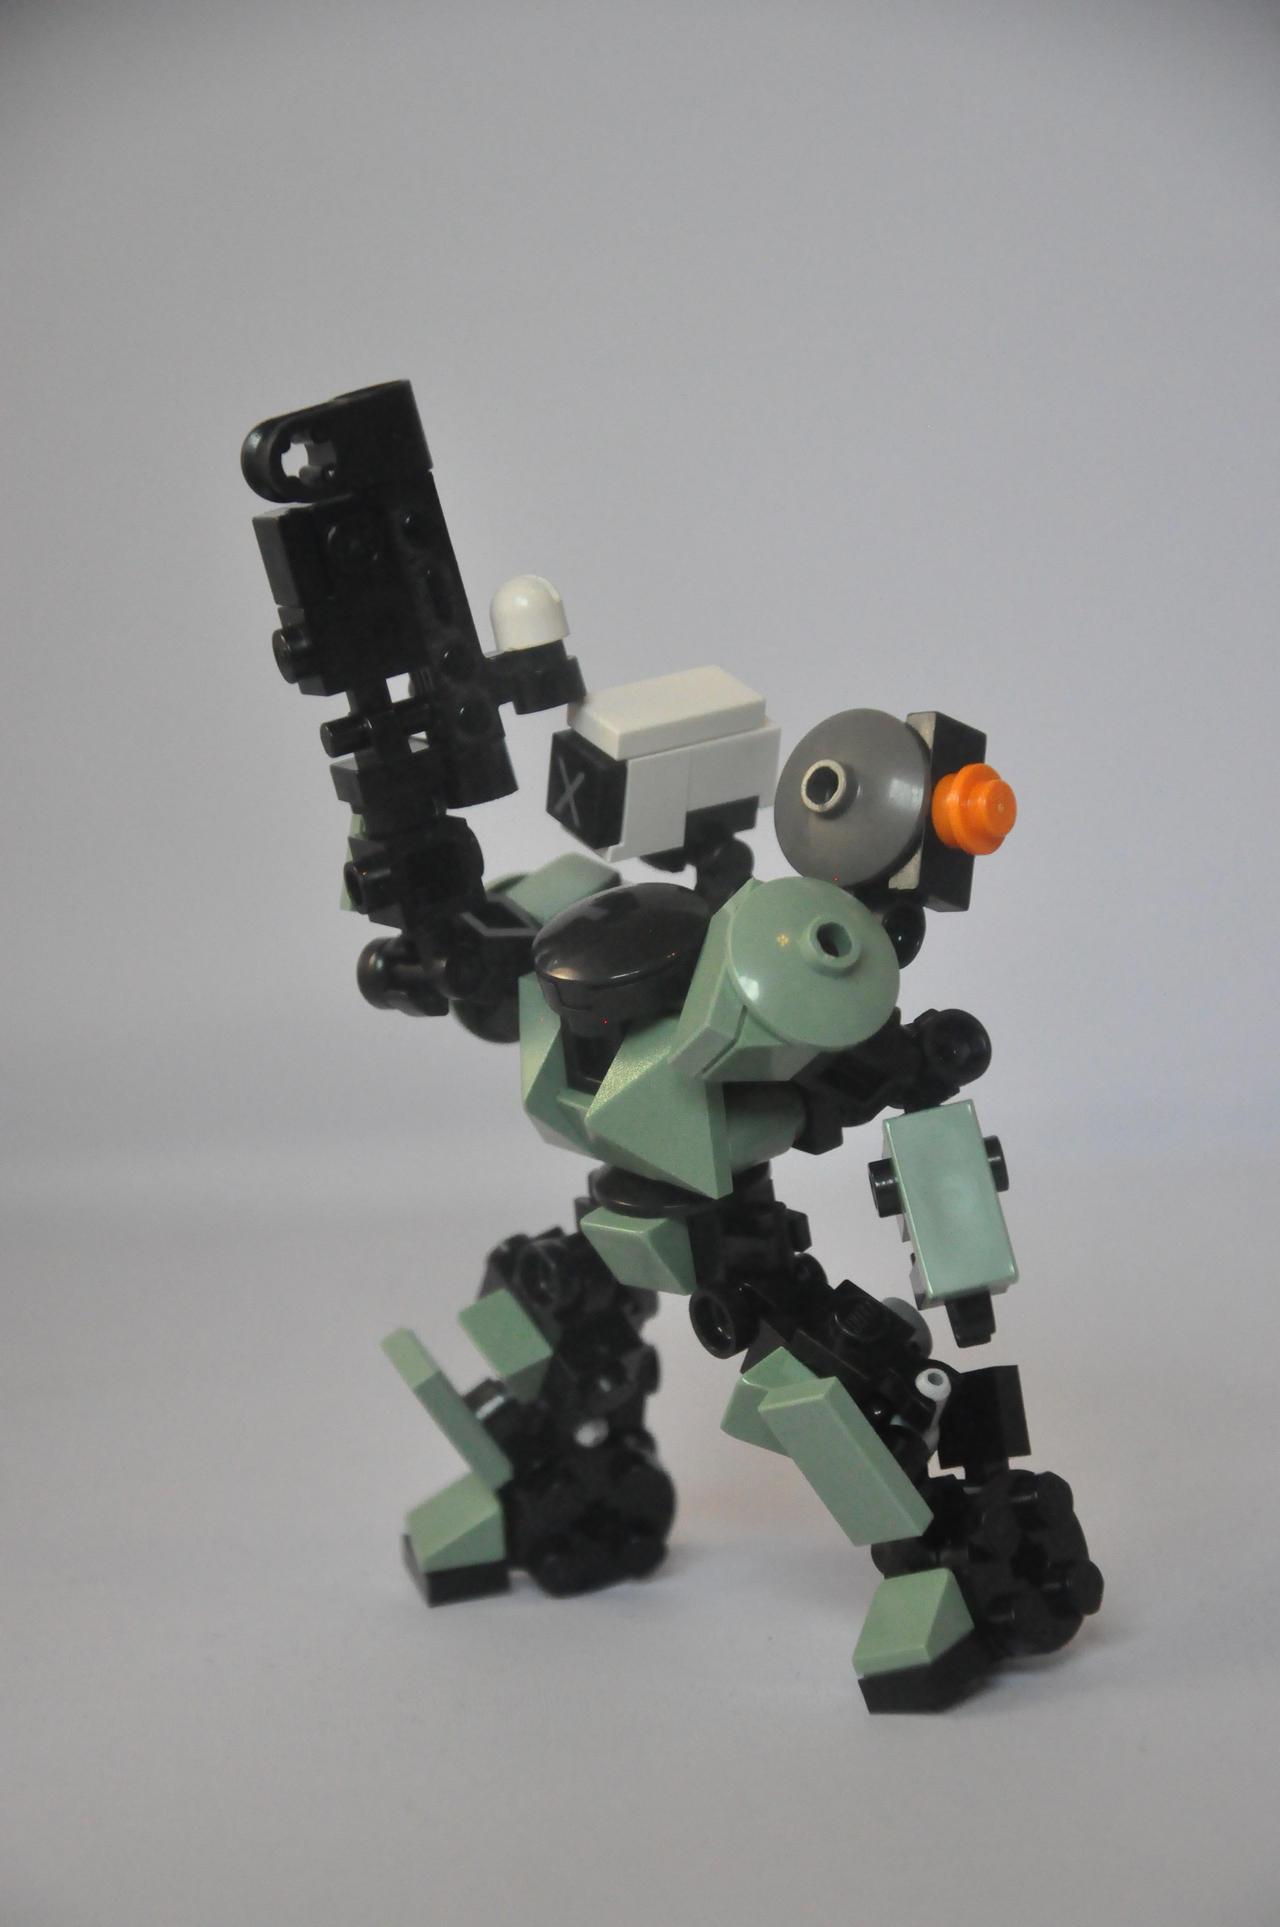 ST-07SLCb Assault Chub by MittenNinja